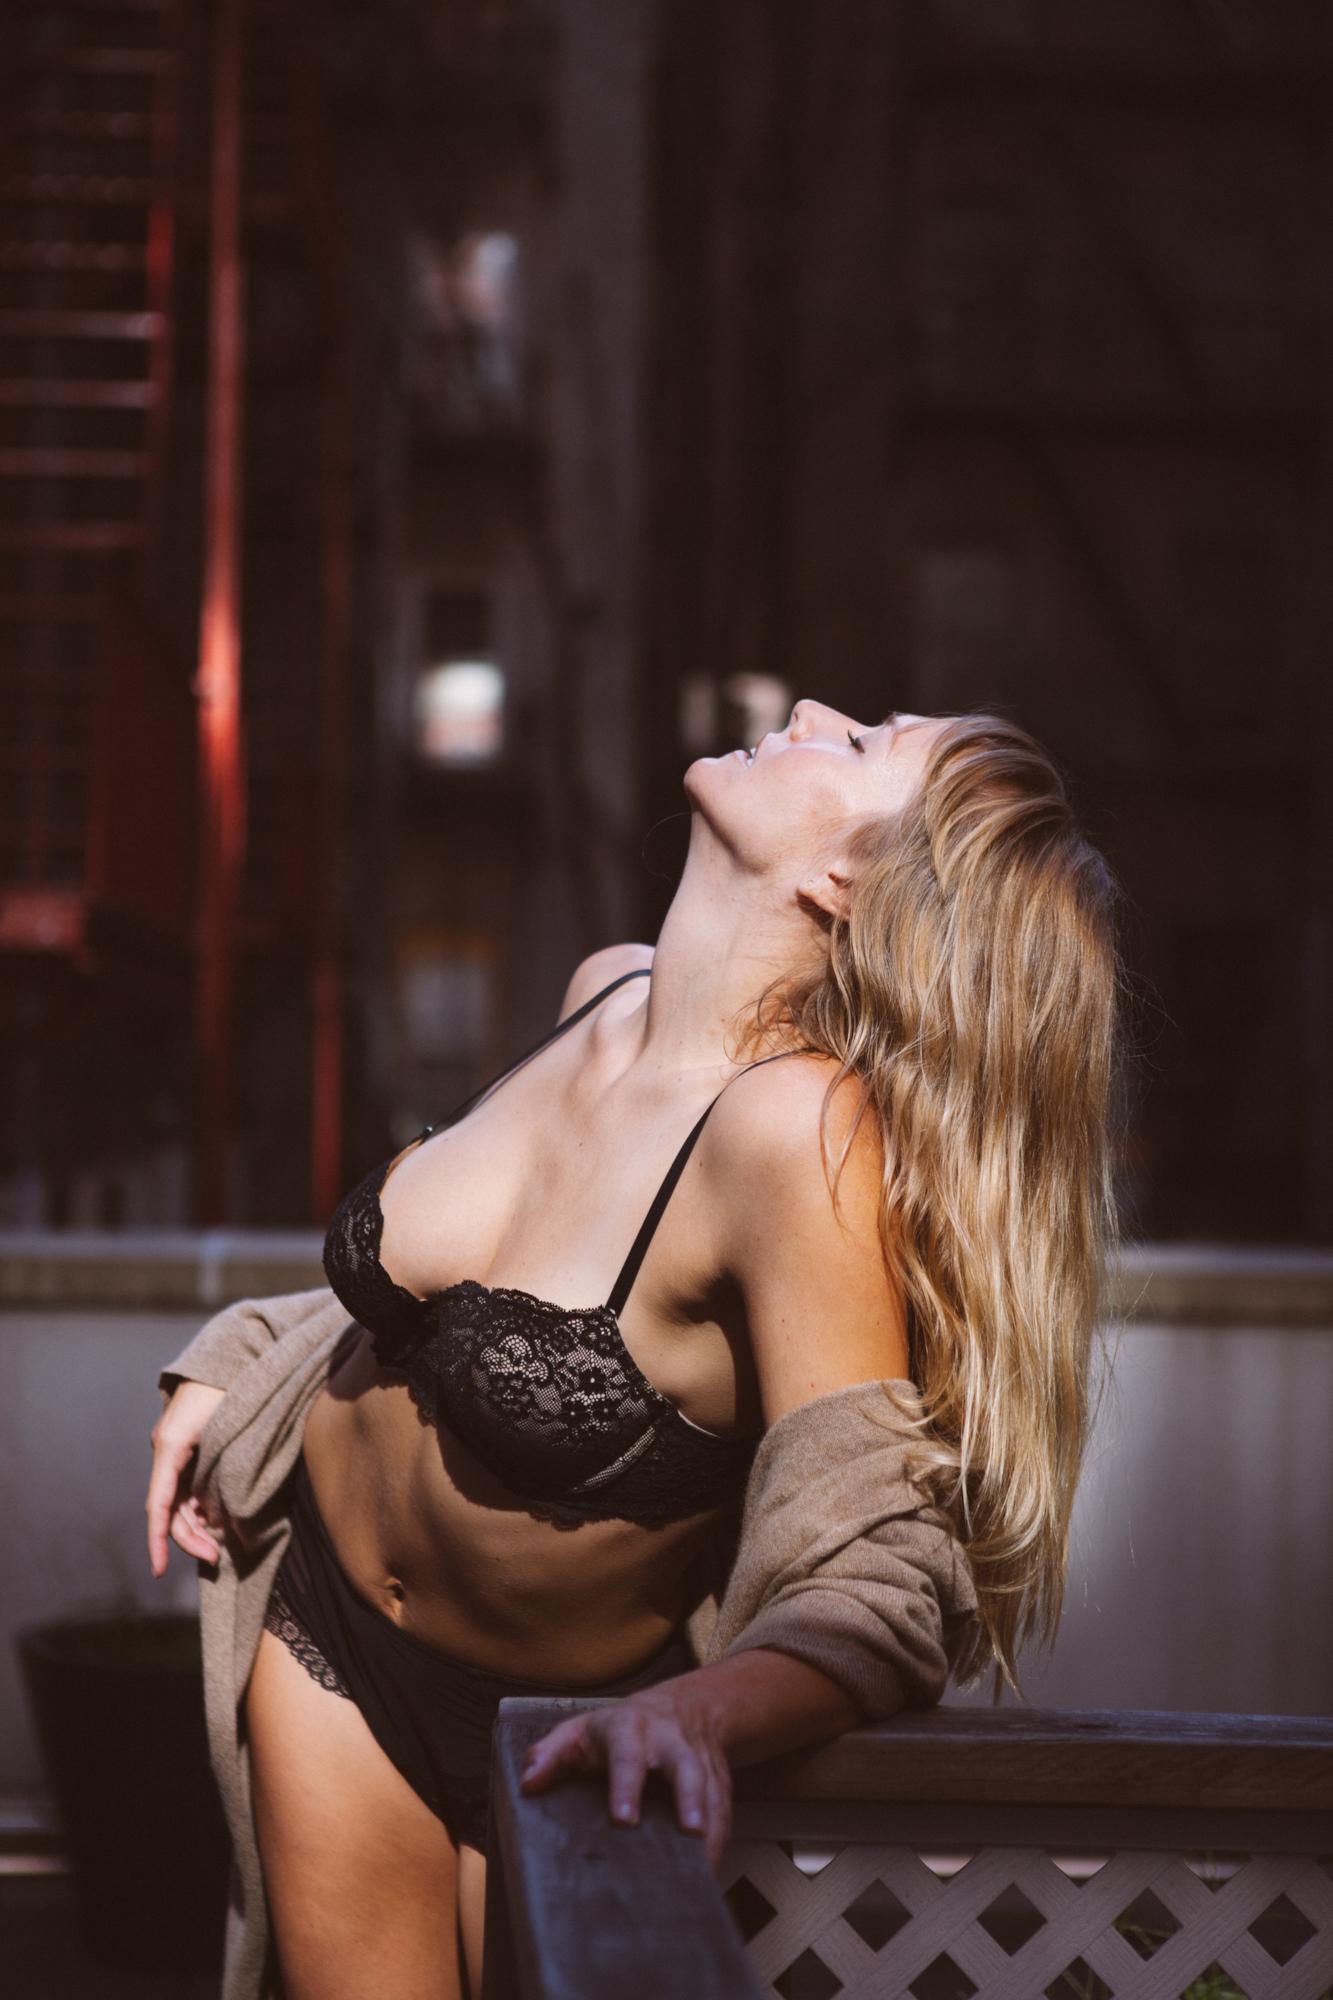 tuttidelmonte.newyork.photography.boudoir-104.jpg